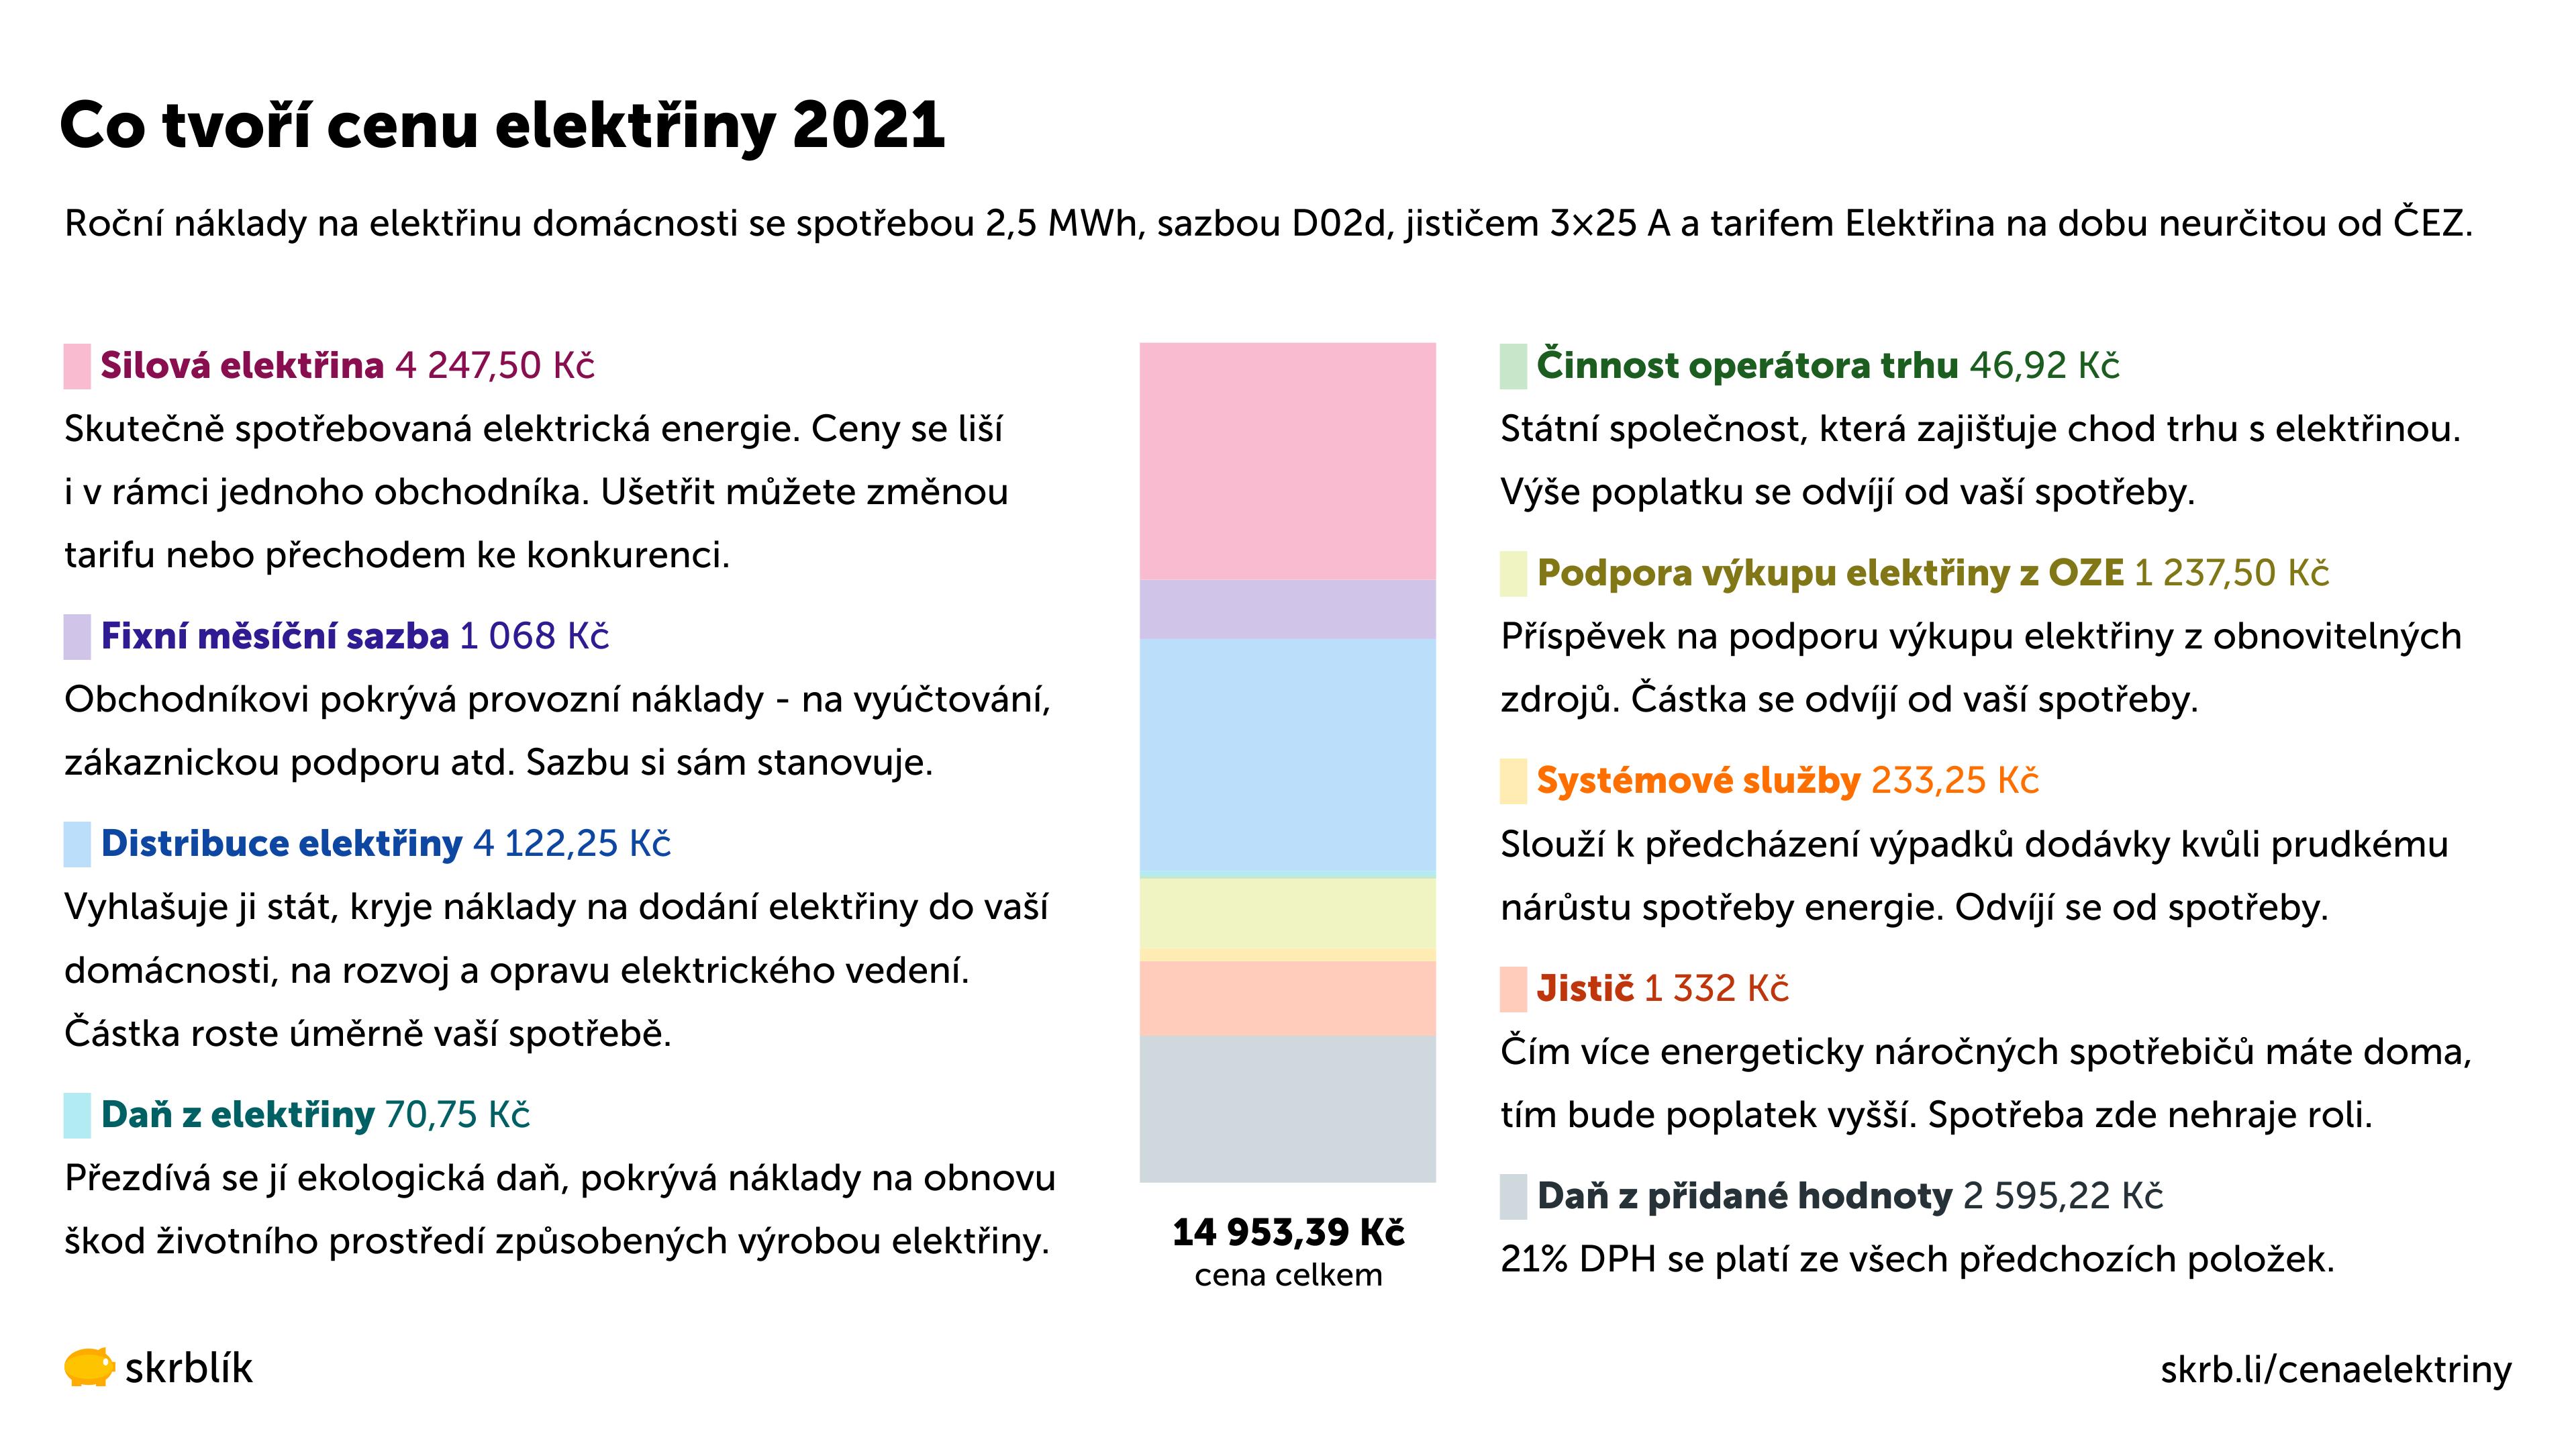 Co tvoří cenu elektřiny 2021